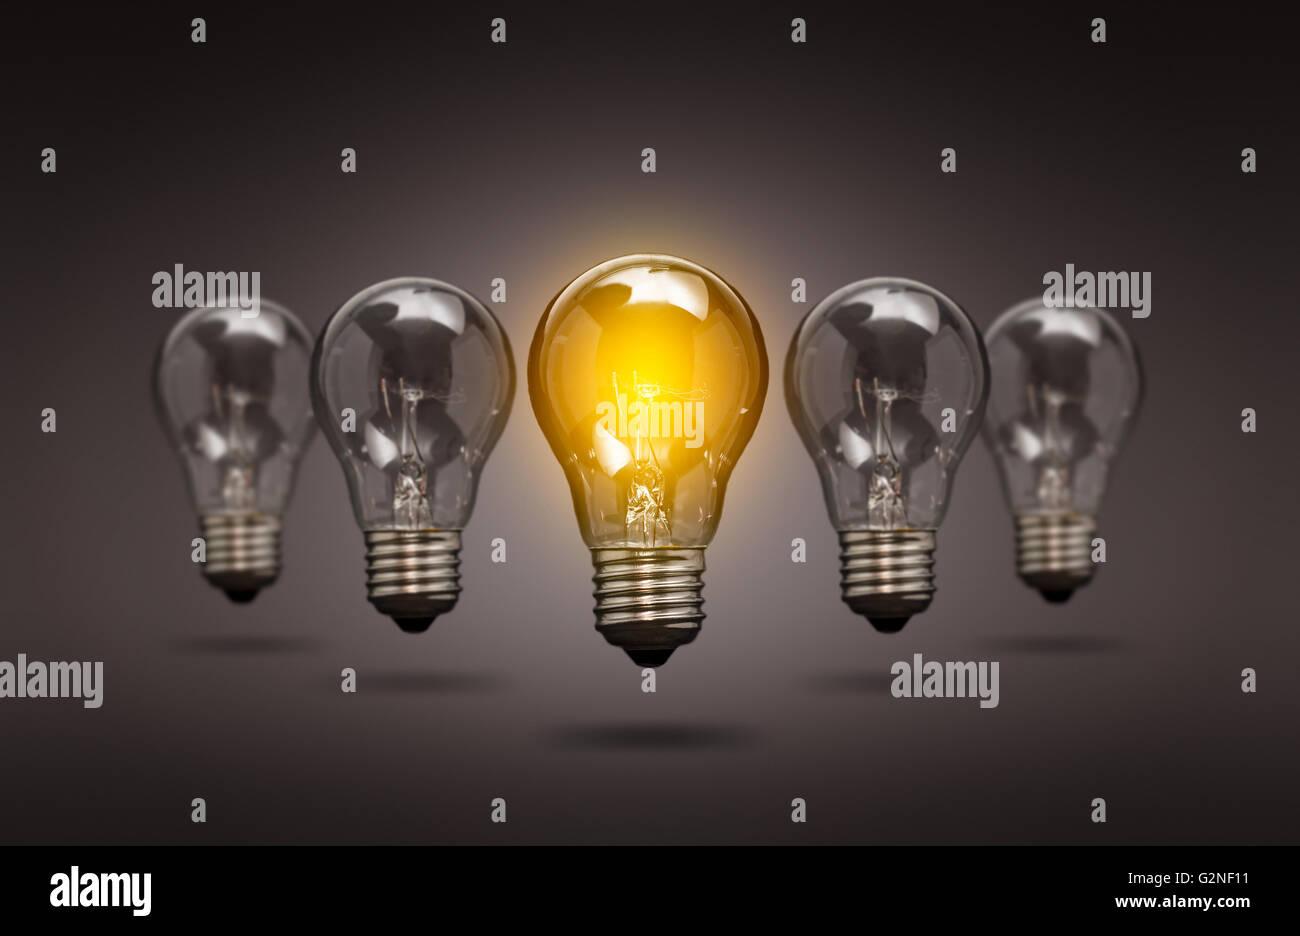 Lampadina luce di idee creative innovazioni leader - Immagine di stock Immagini Stock